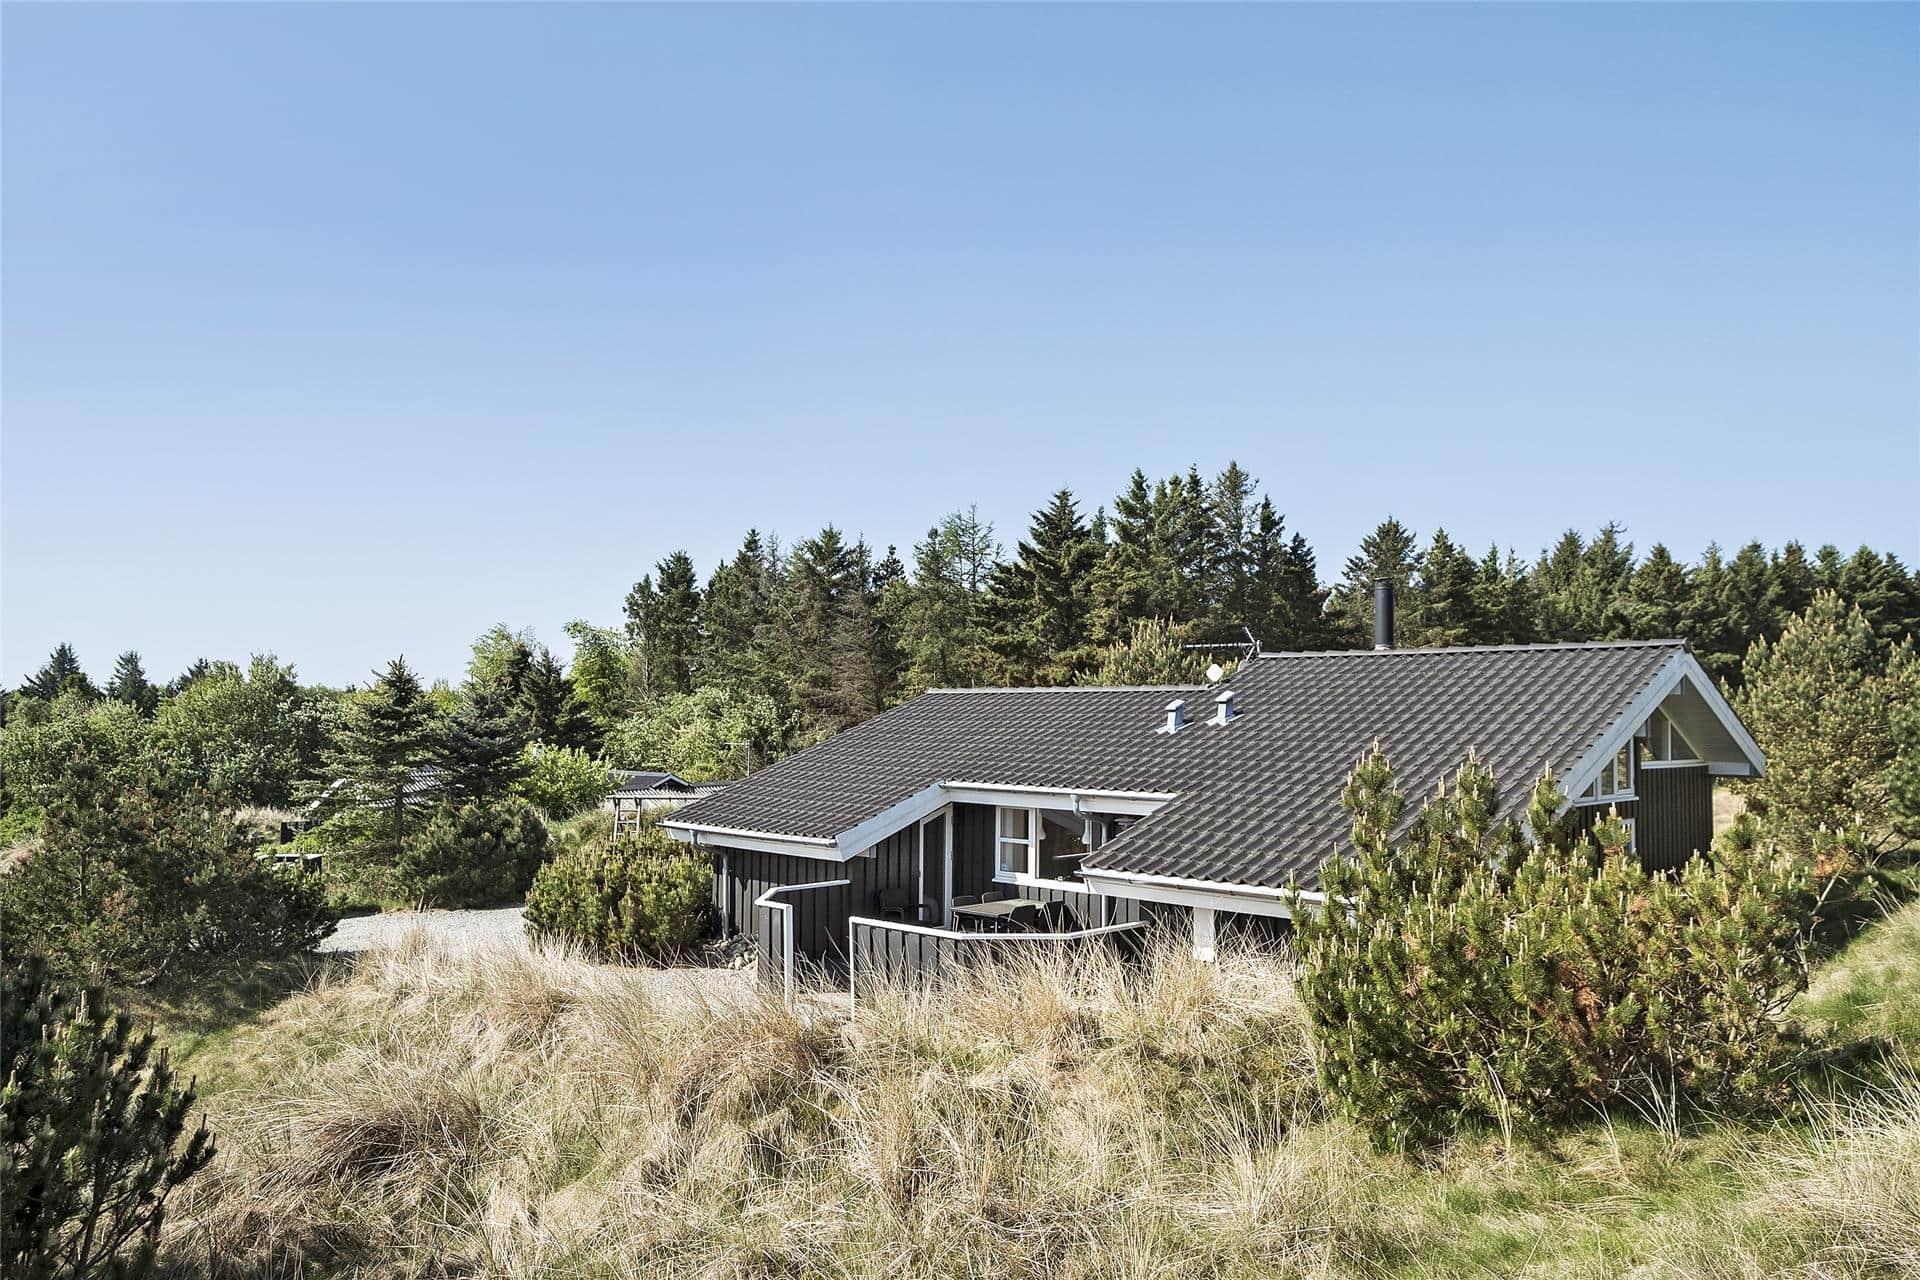 Billede 1-176 Sommerhus BL130, Bloksbjerg 95, DK - 9492 Blokhus